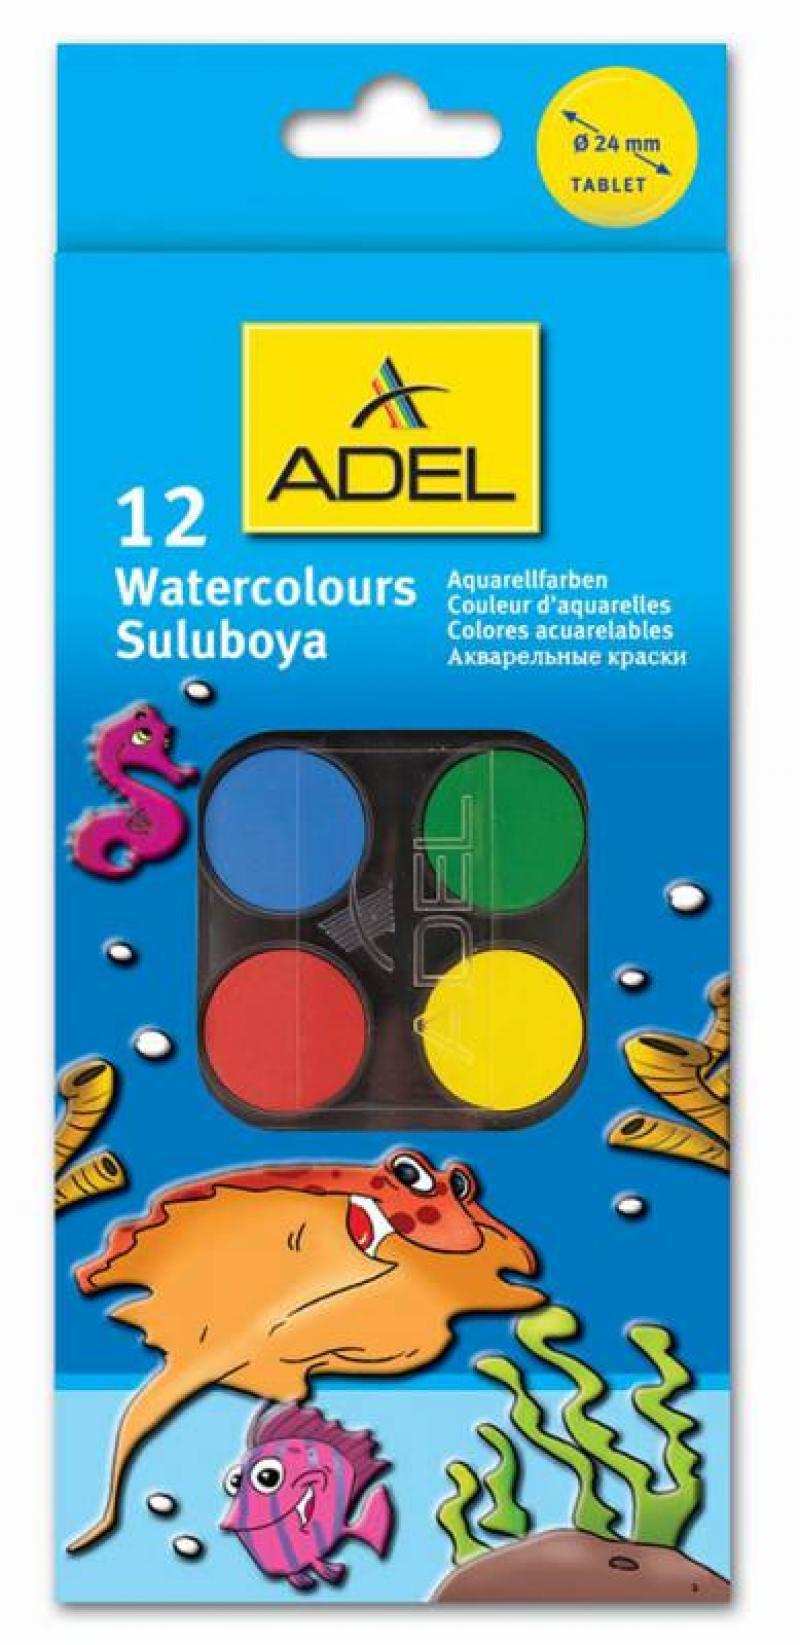 Краски акварельные Adel 24мм 12 цветов 229-0933-000 конверт детский kaiser kaiser конверт iglu thermo fleece черный серый